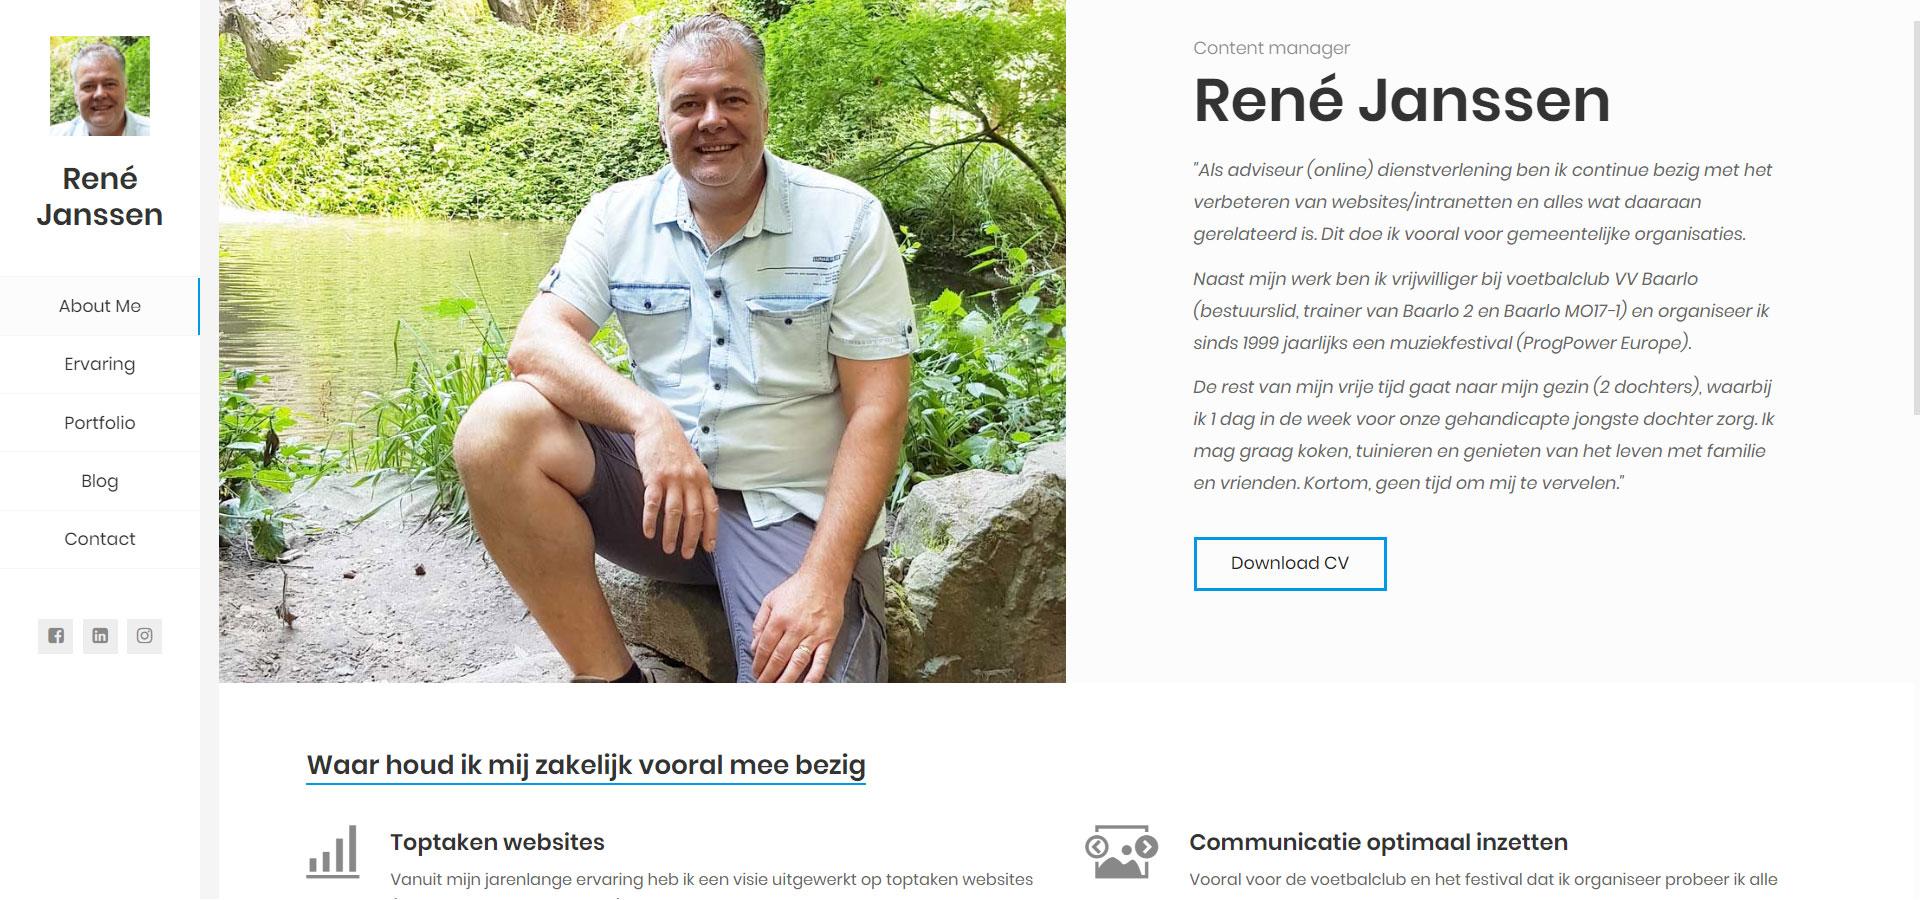 Screenshot nieuwe website René Janssen